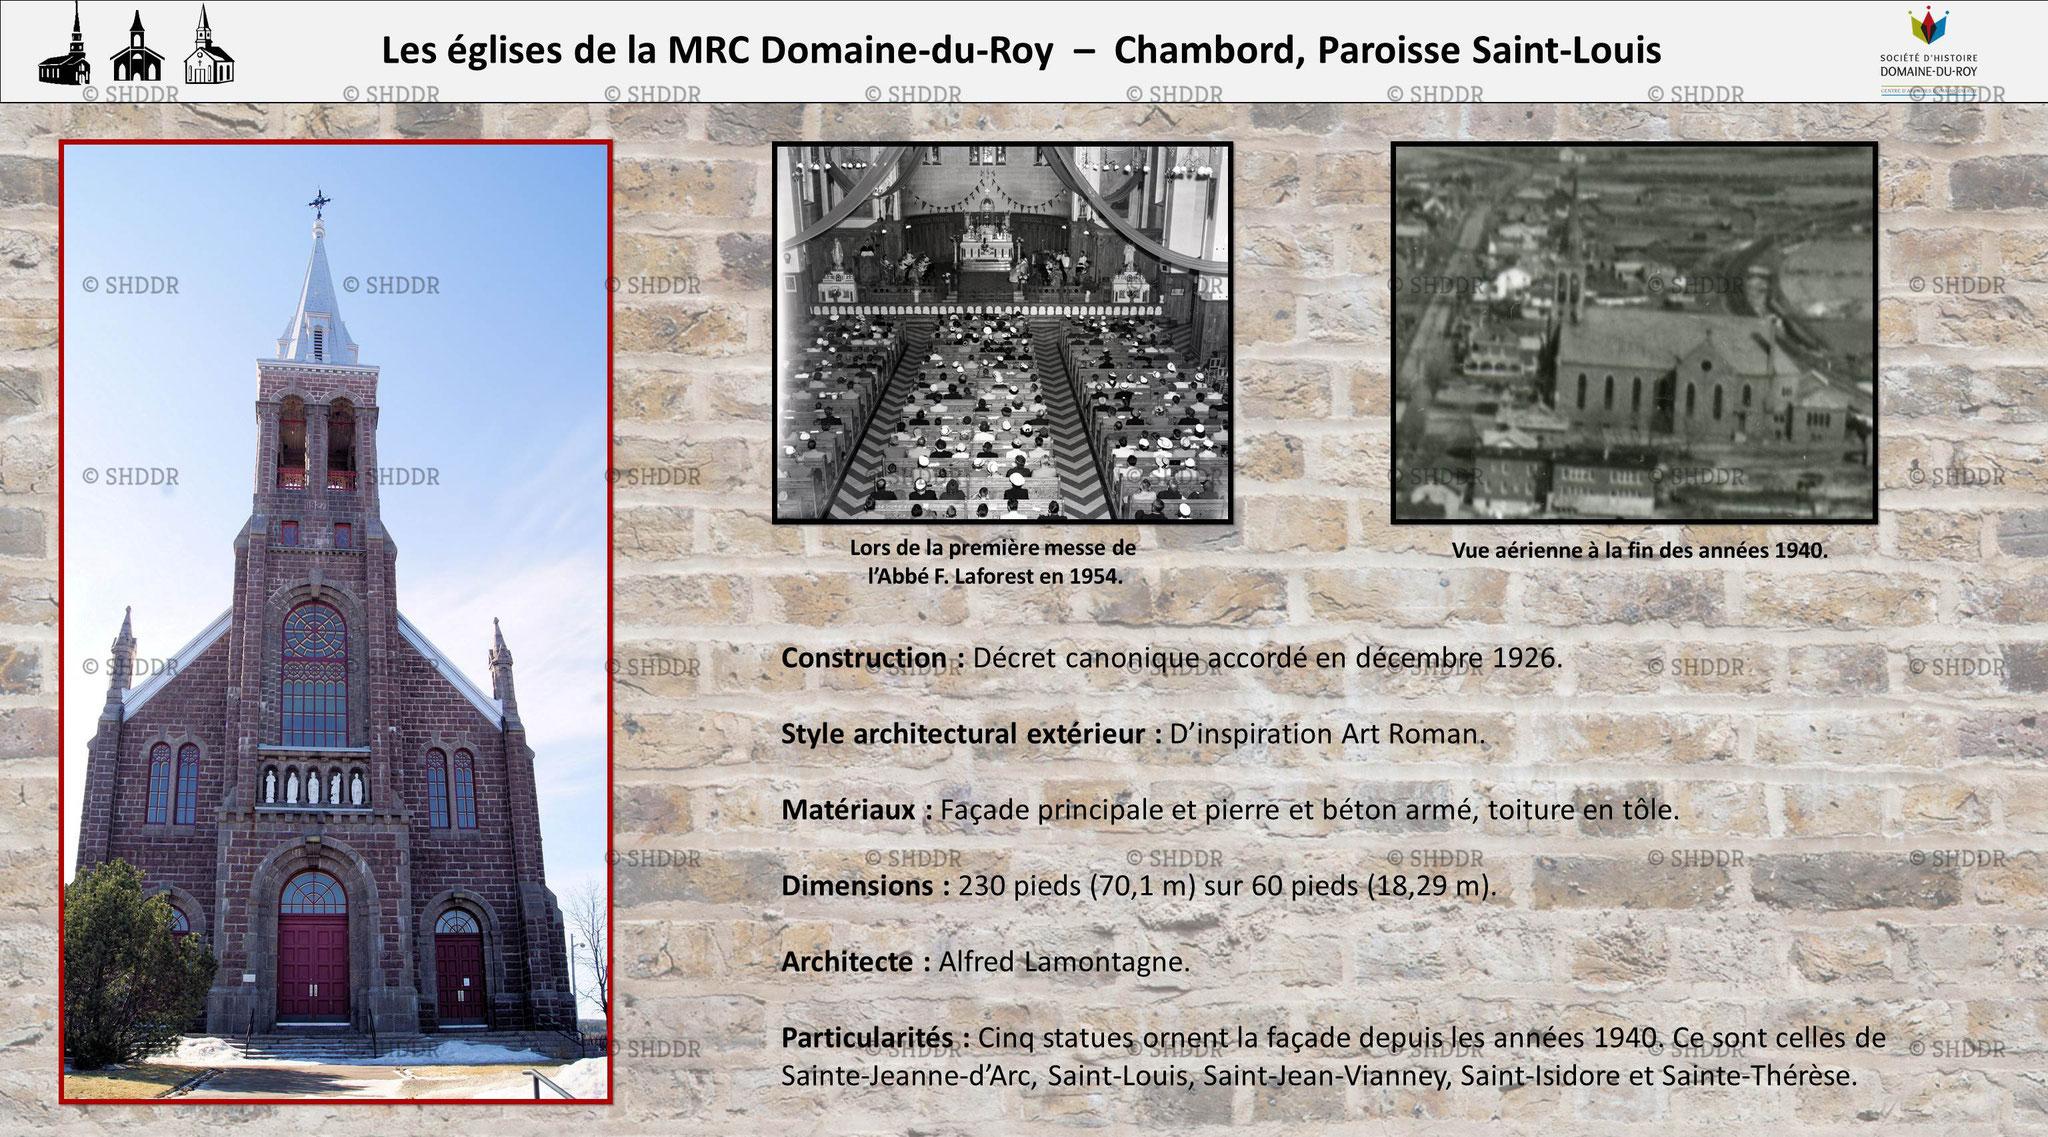 Chambord - Paroisse Saint-Louis